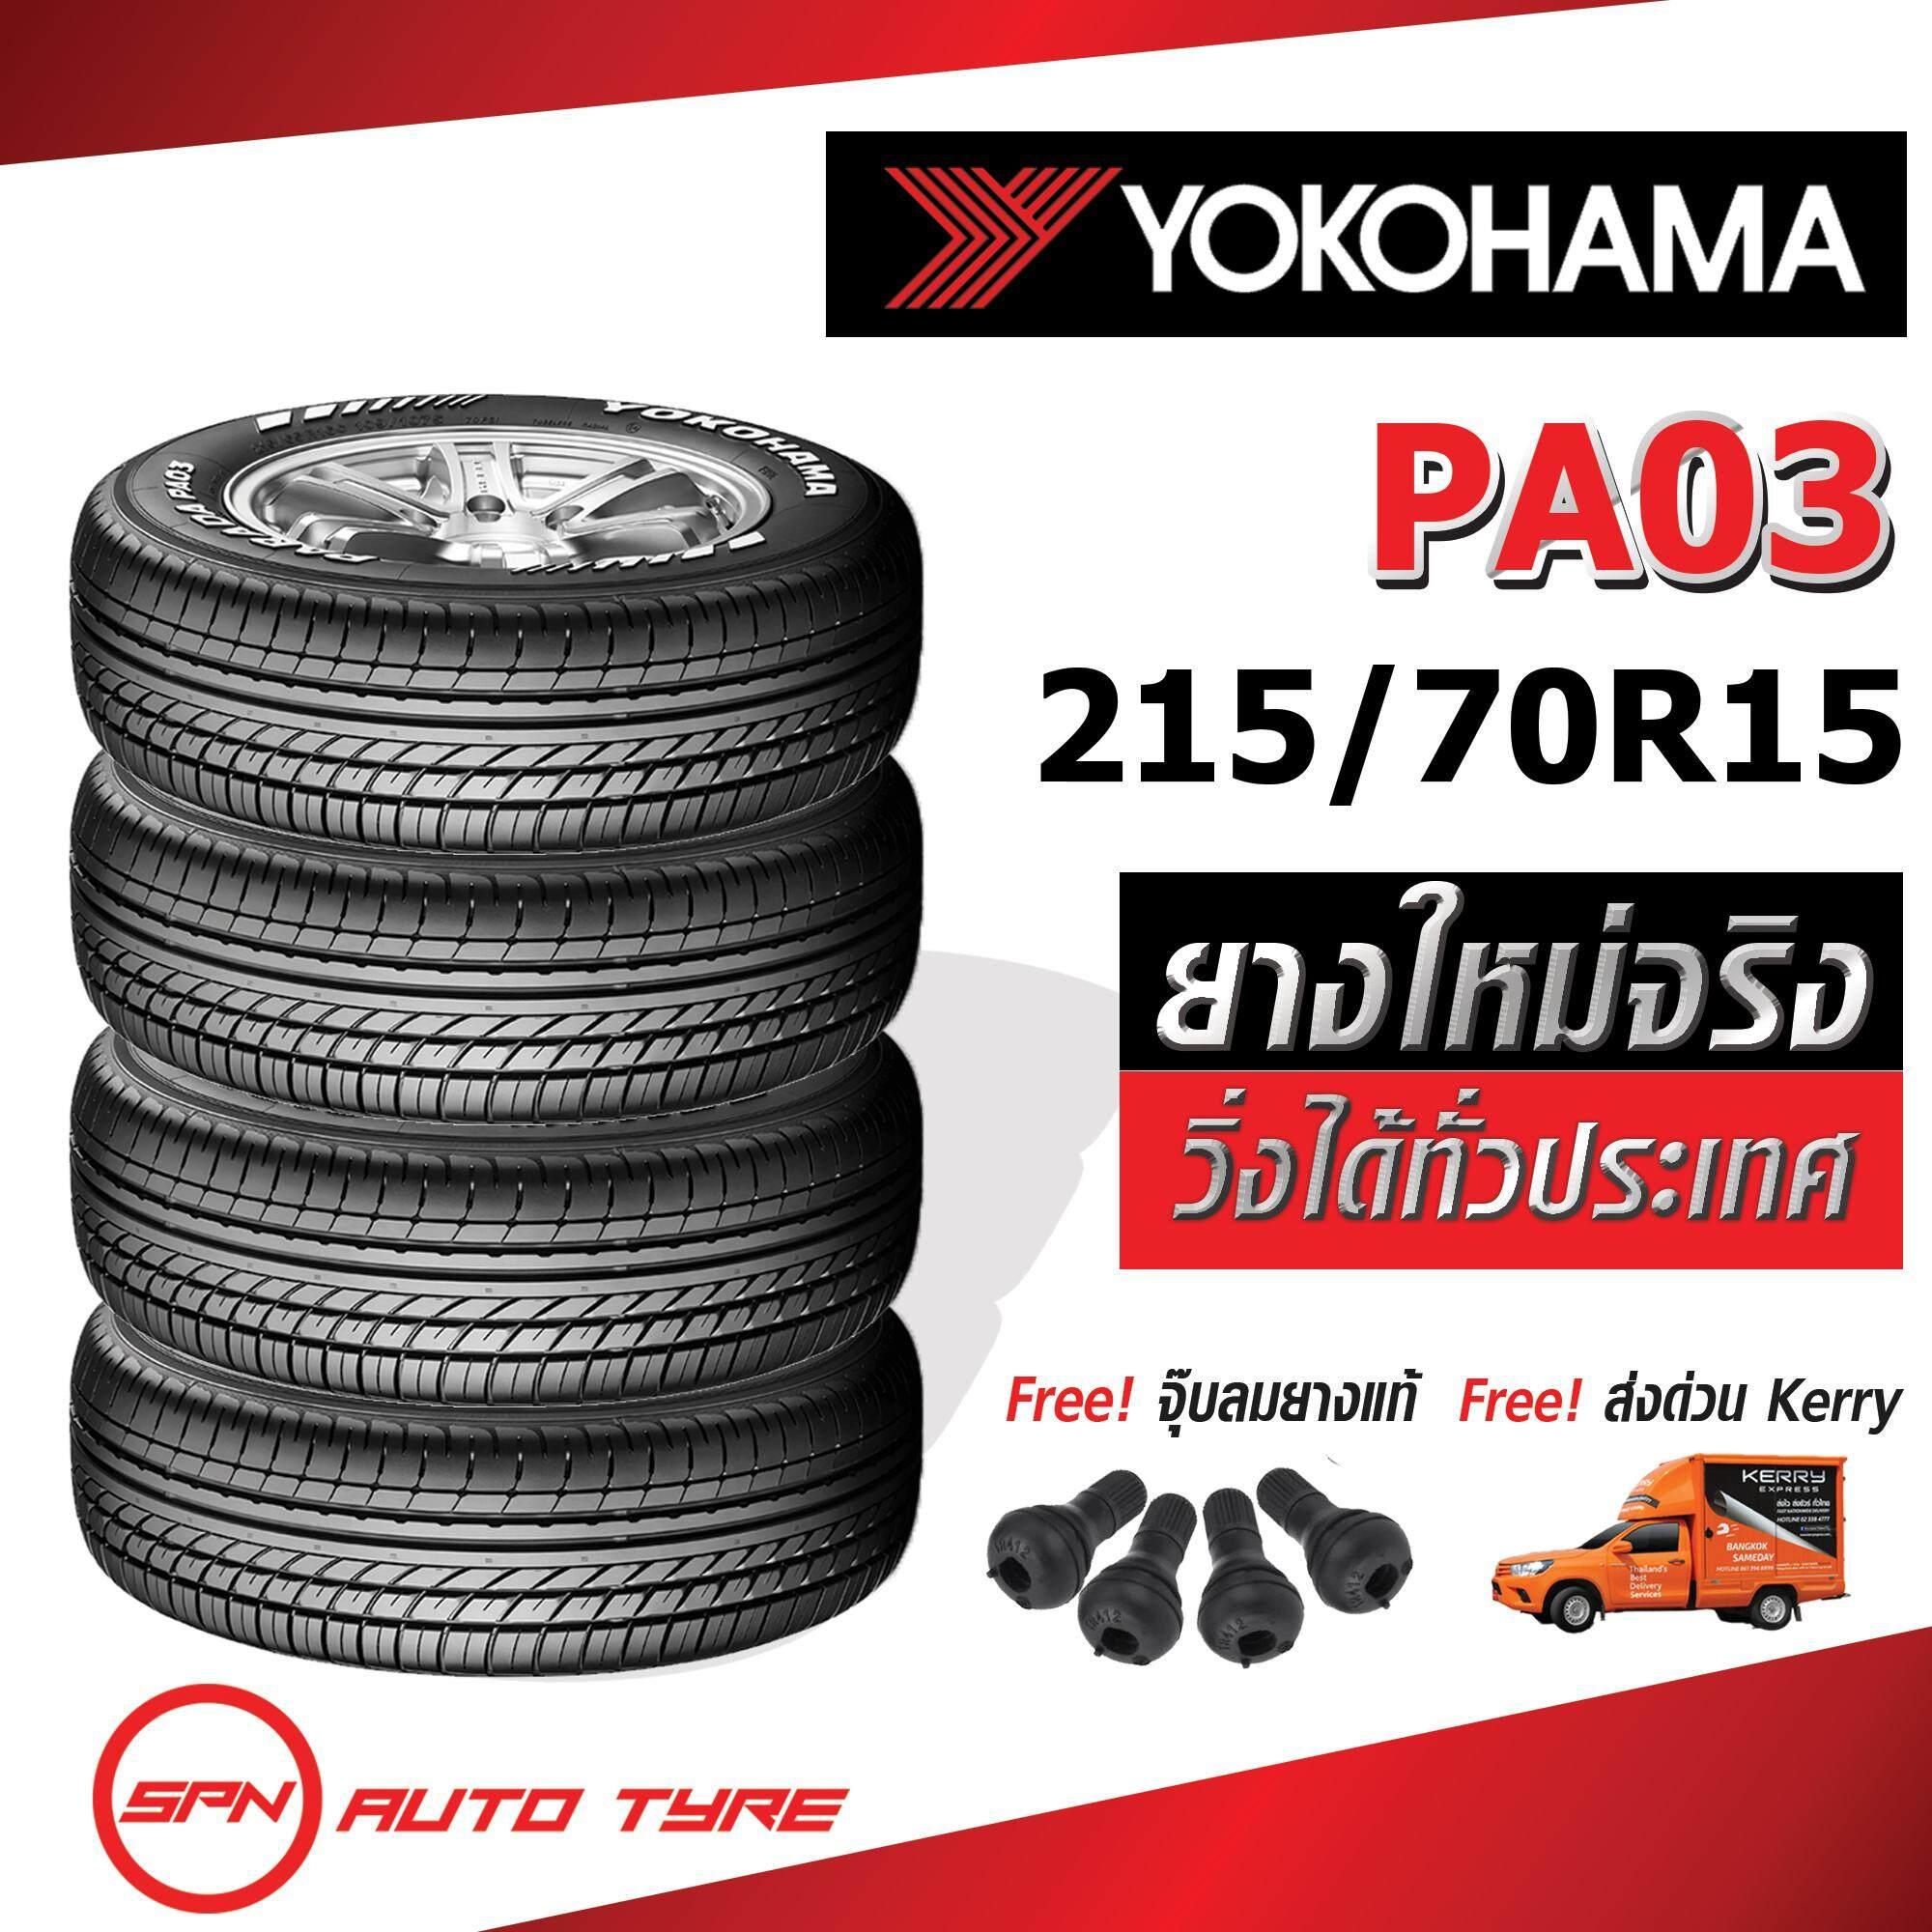 ประกันภัย รถยนต์ ชั้น 3 ราคา ถูก พิษณุโลก Yokohama PARADA PA03 215/70R15 4 เส้น